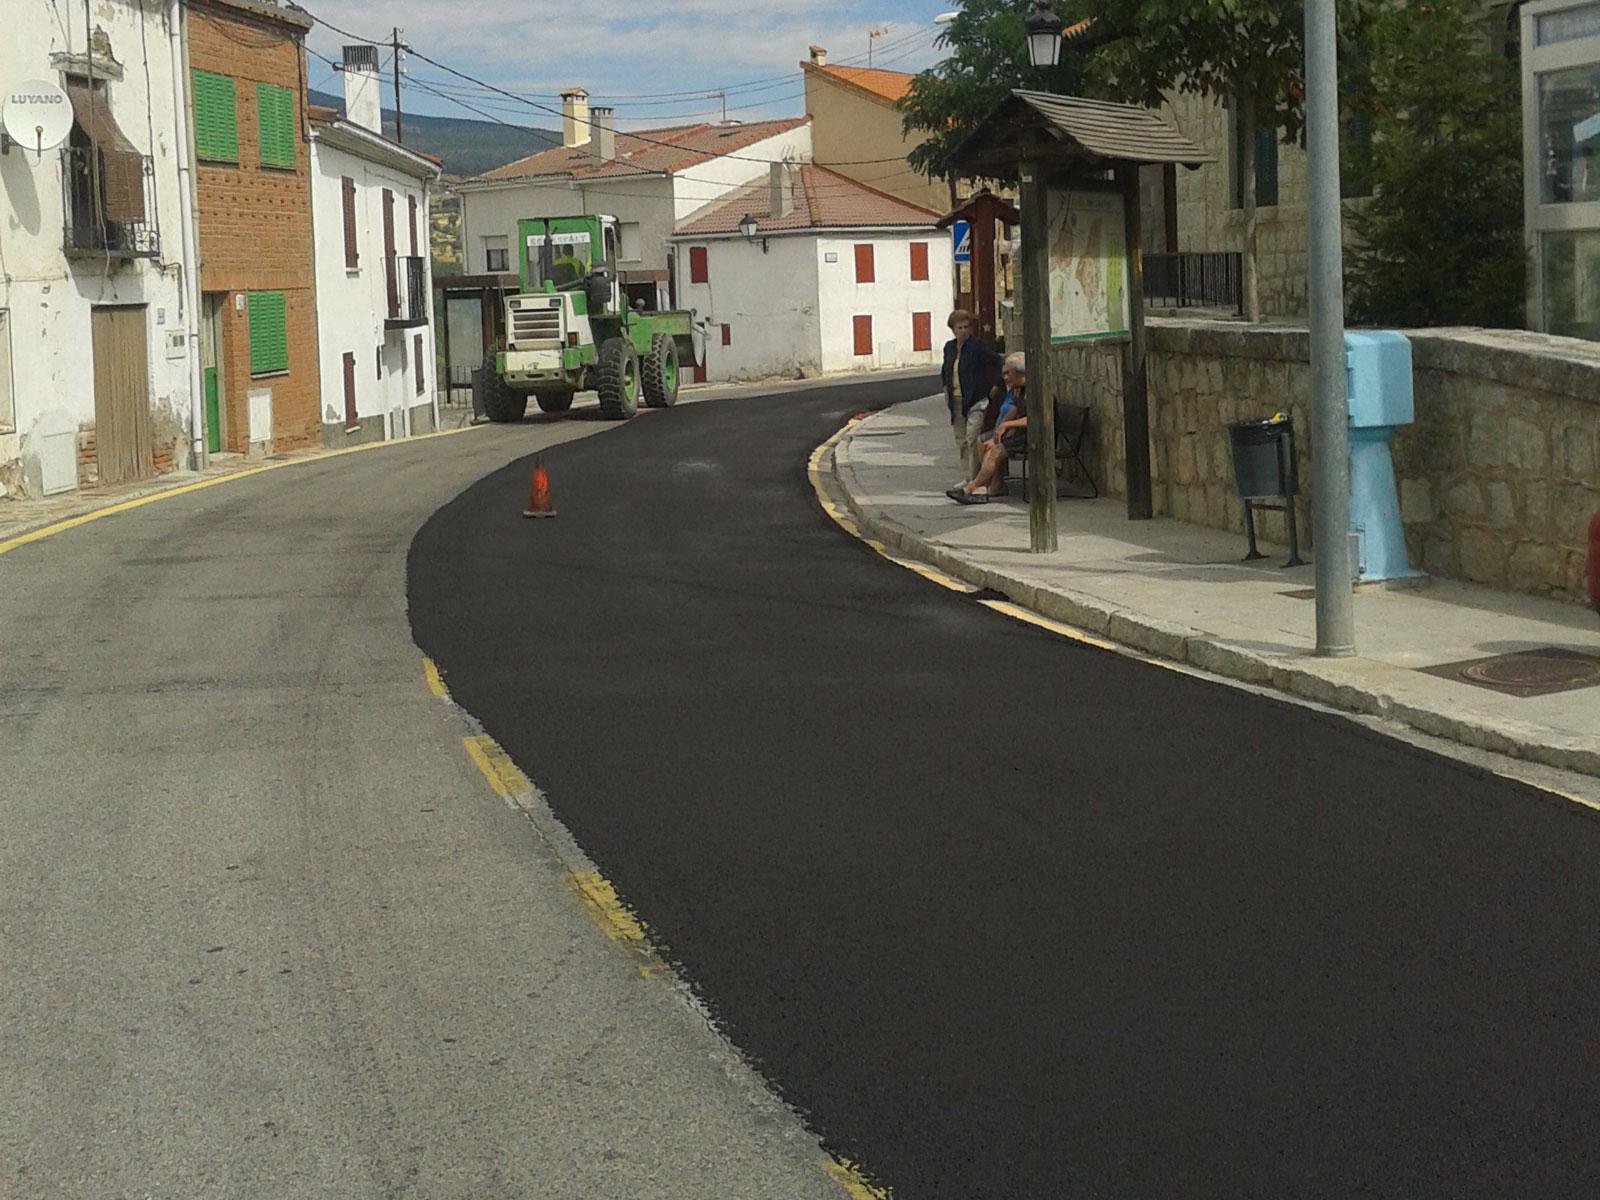 Mejora del firme y drenaje de la carretera M-141 del P.K. 0+000 al 9+525